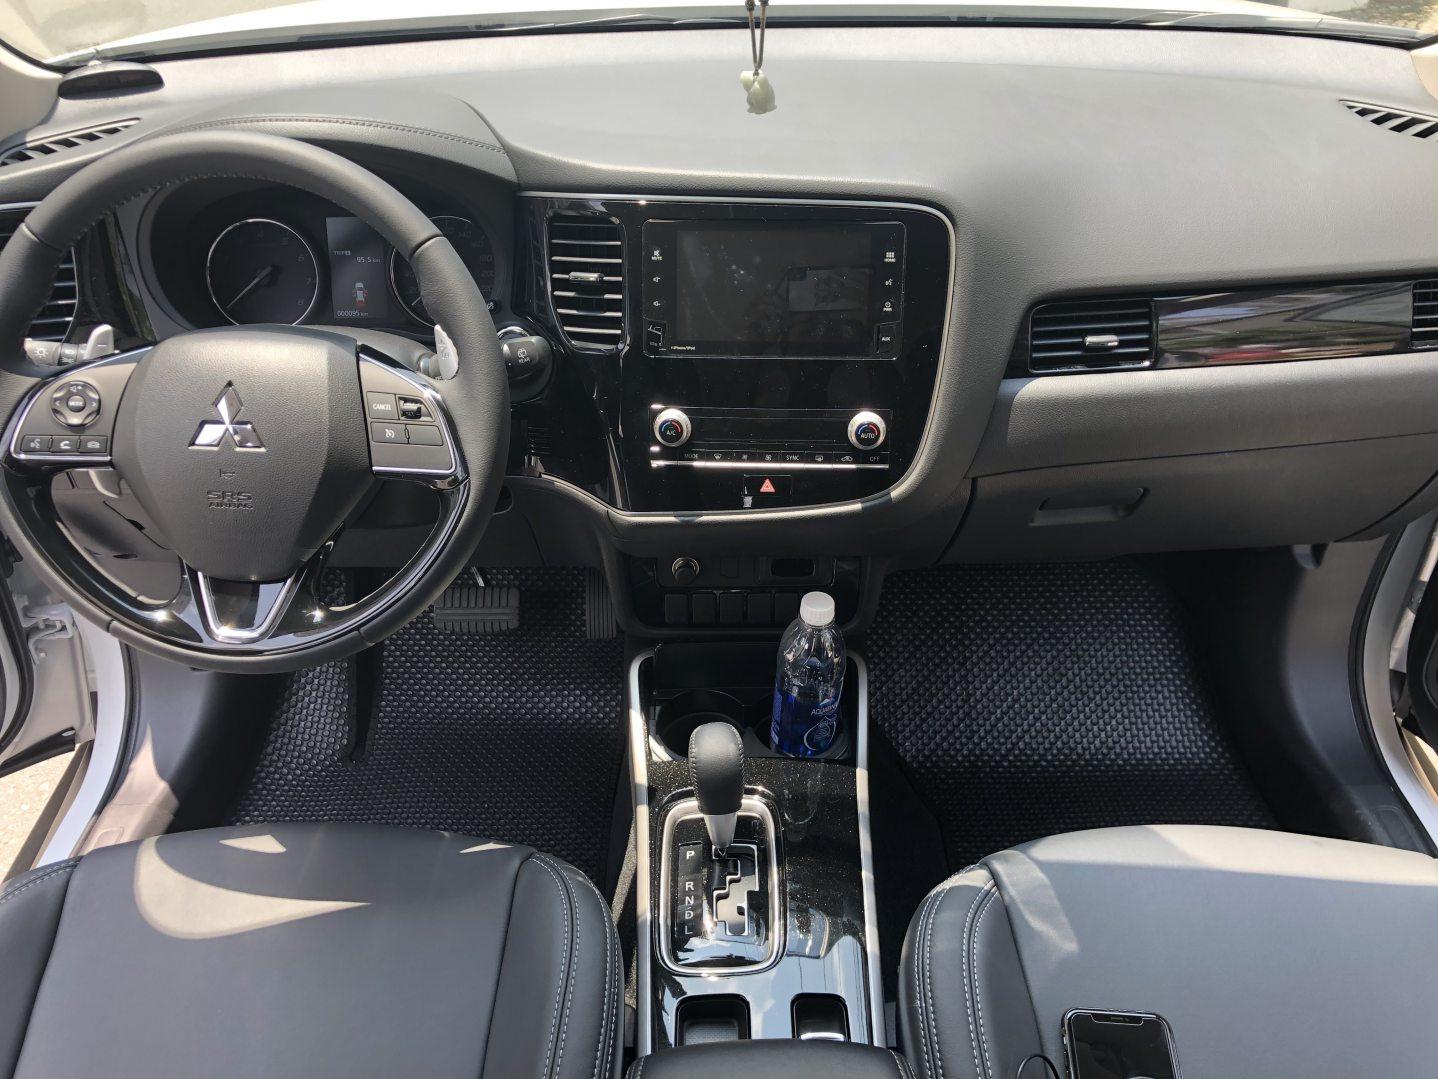 Thảm lót sàn Mitsubishi Outlander 2020